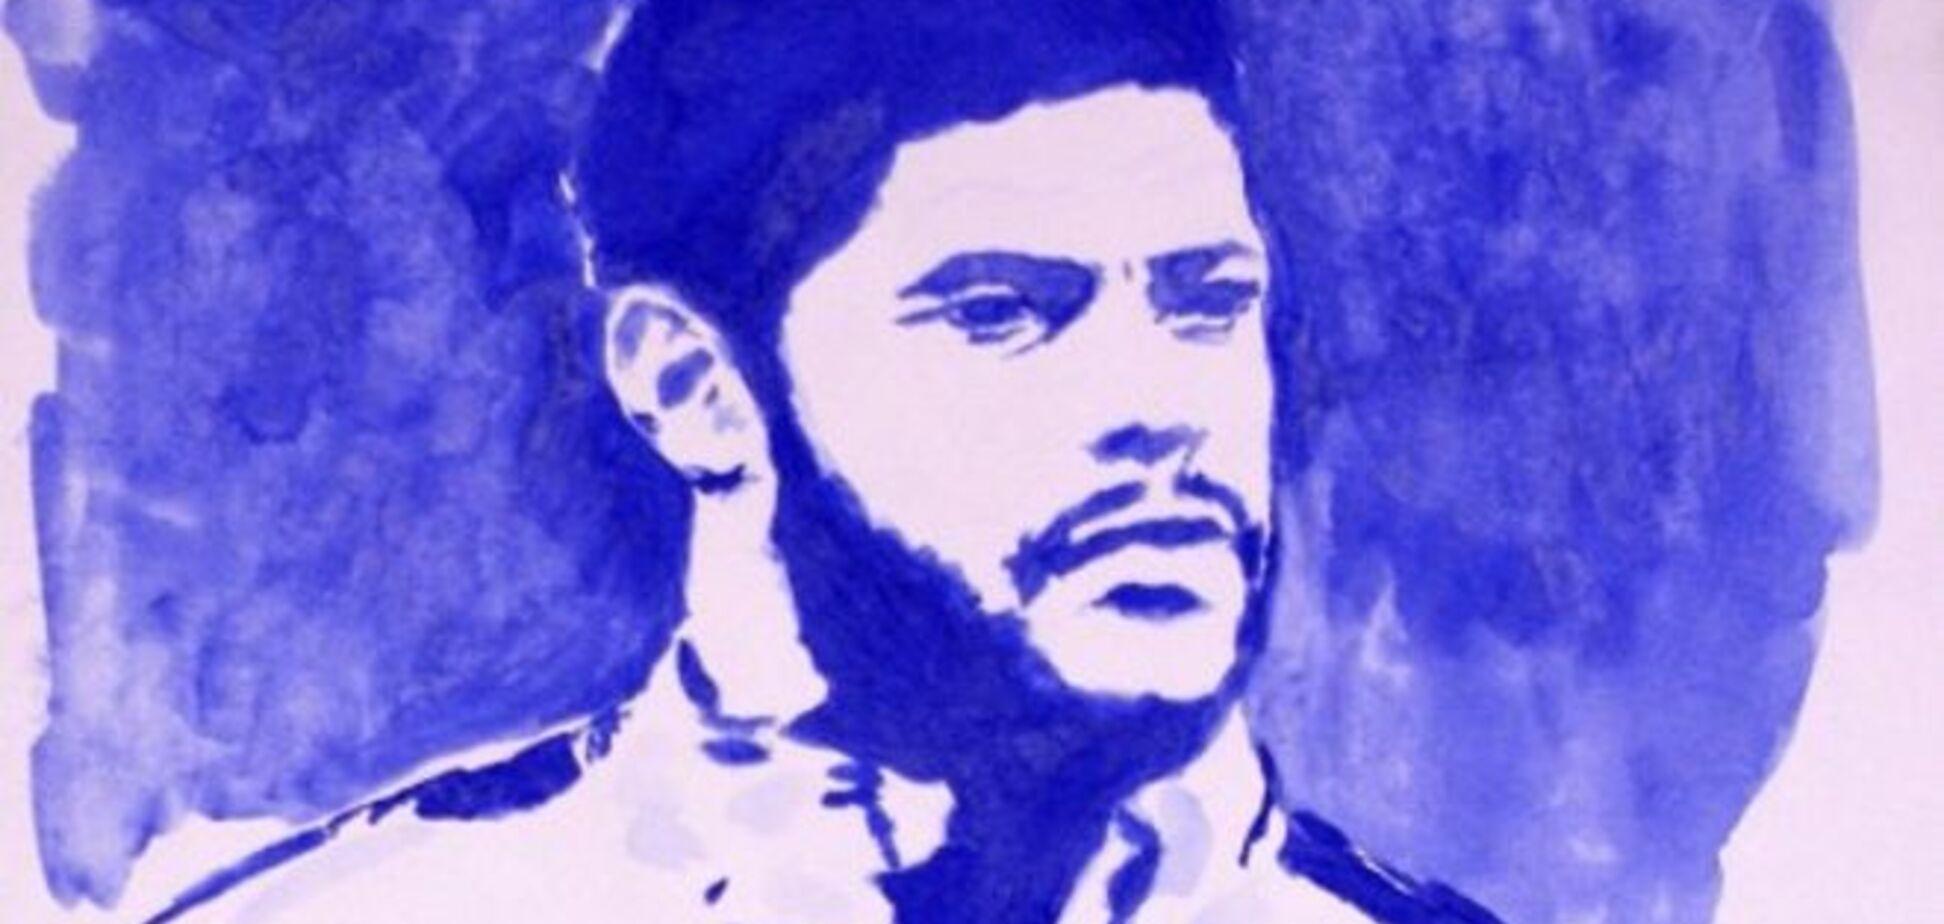 Російська художниця голими грудьми намалювала портрет знаменитого футболіста